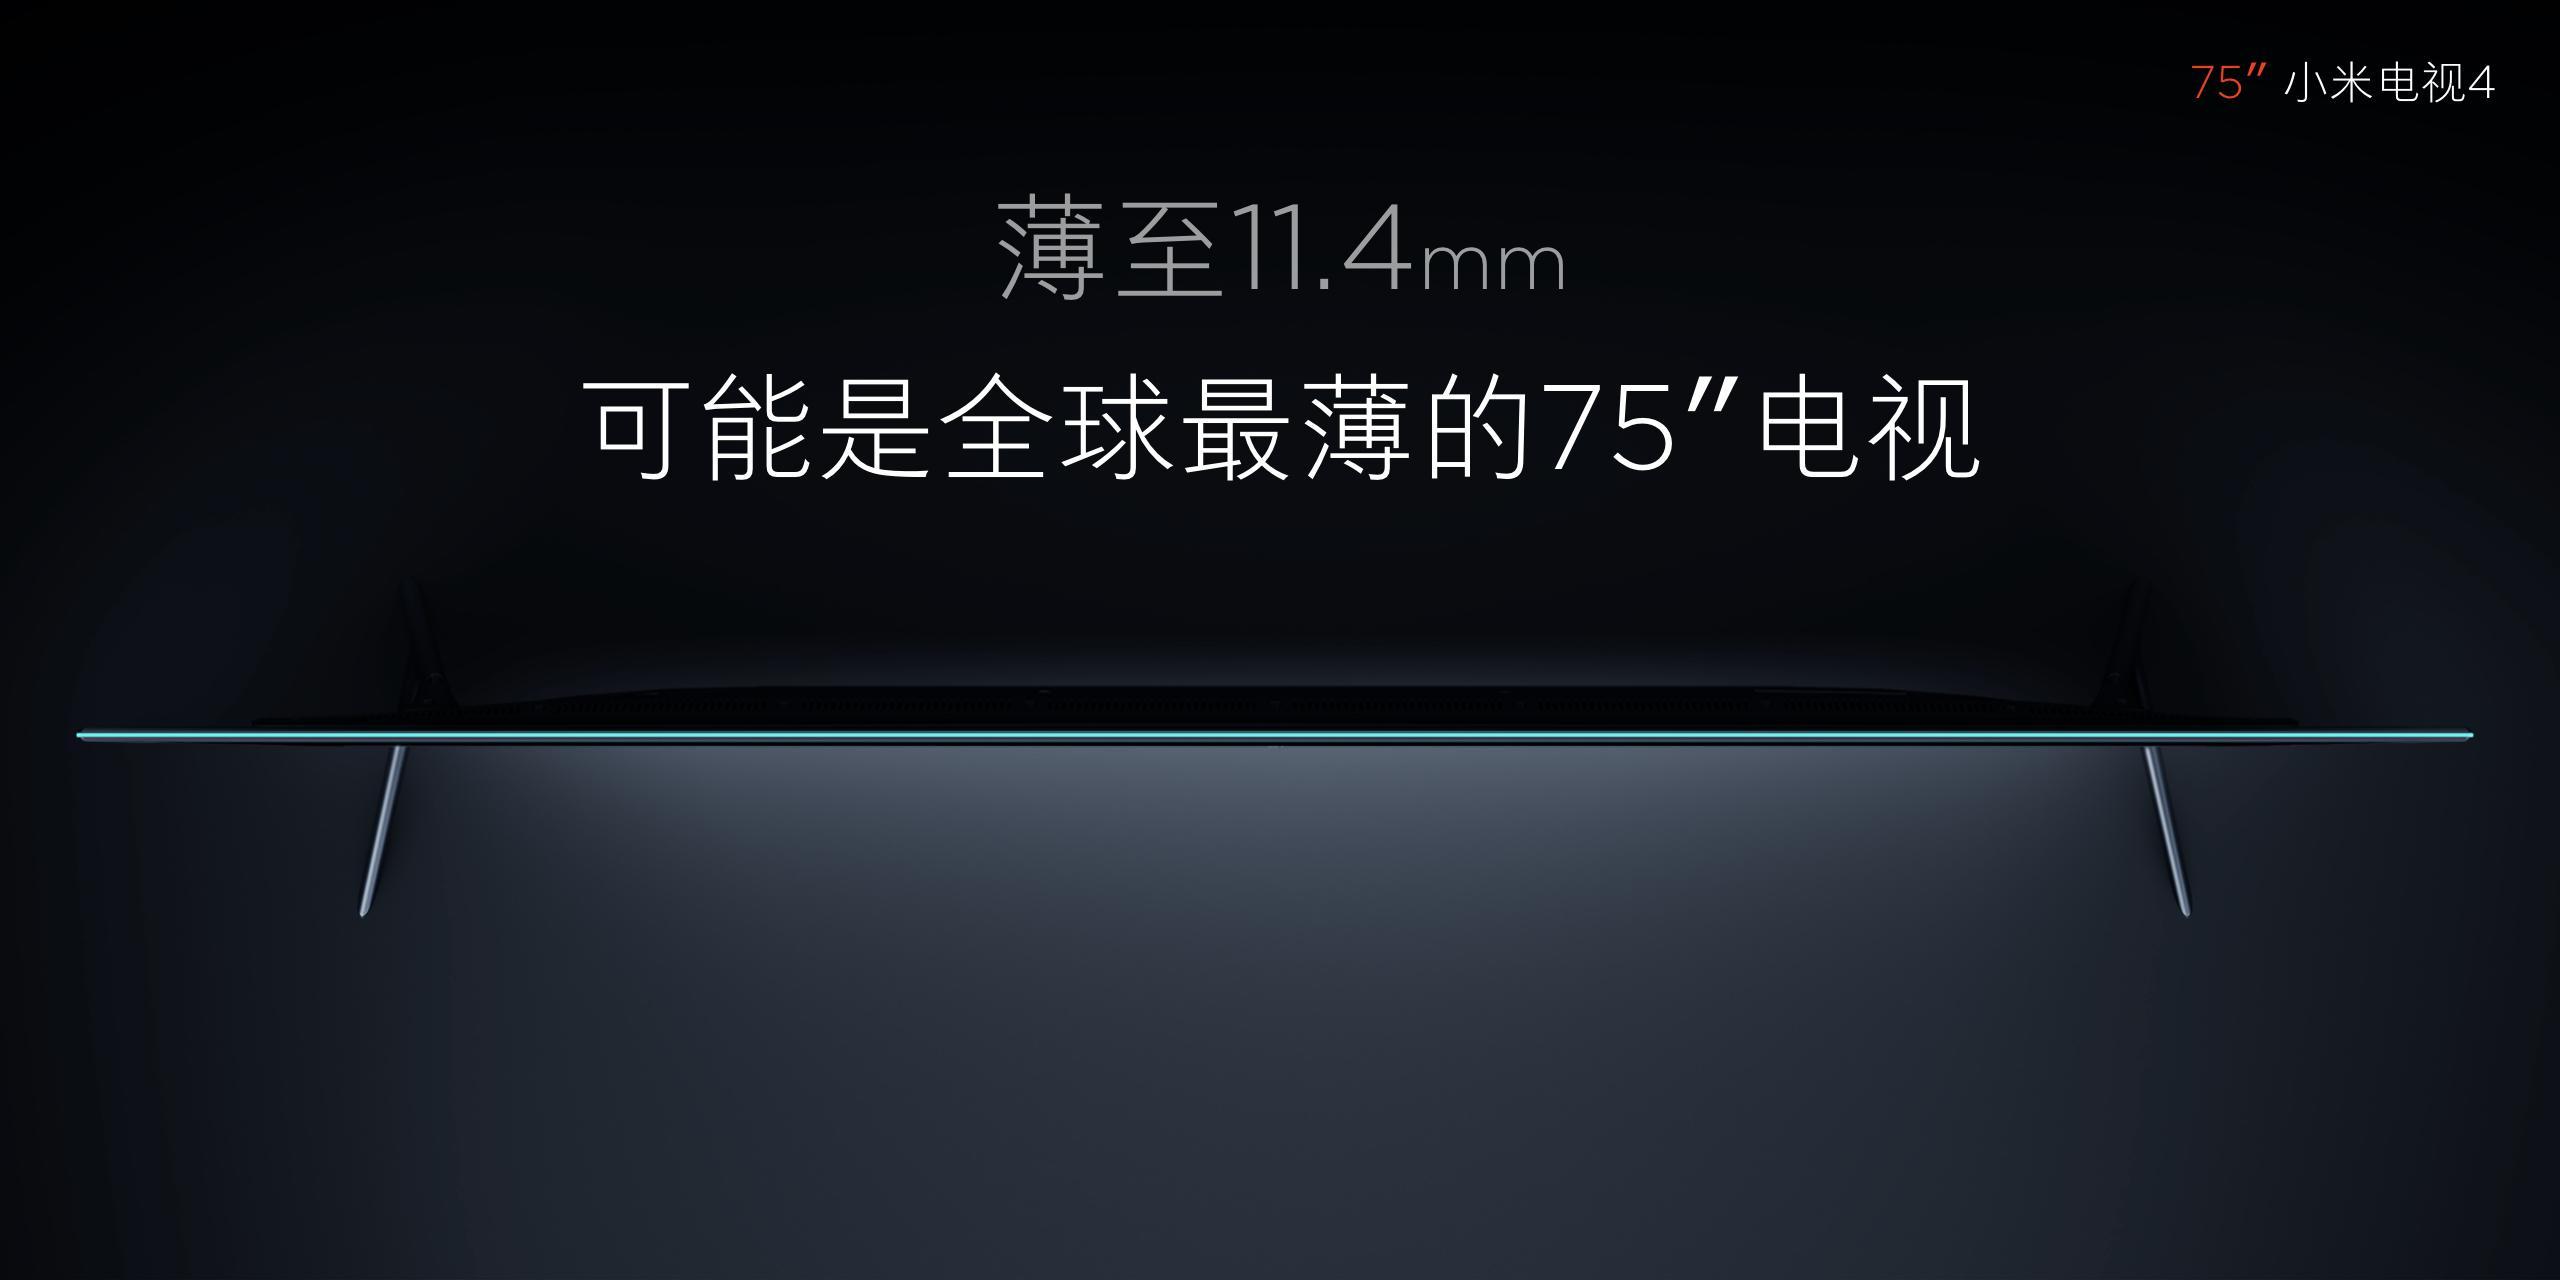 2019年电视机排行榜_2019十大电视机品牌排行榜